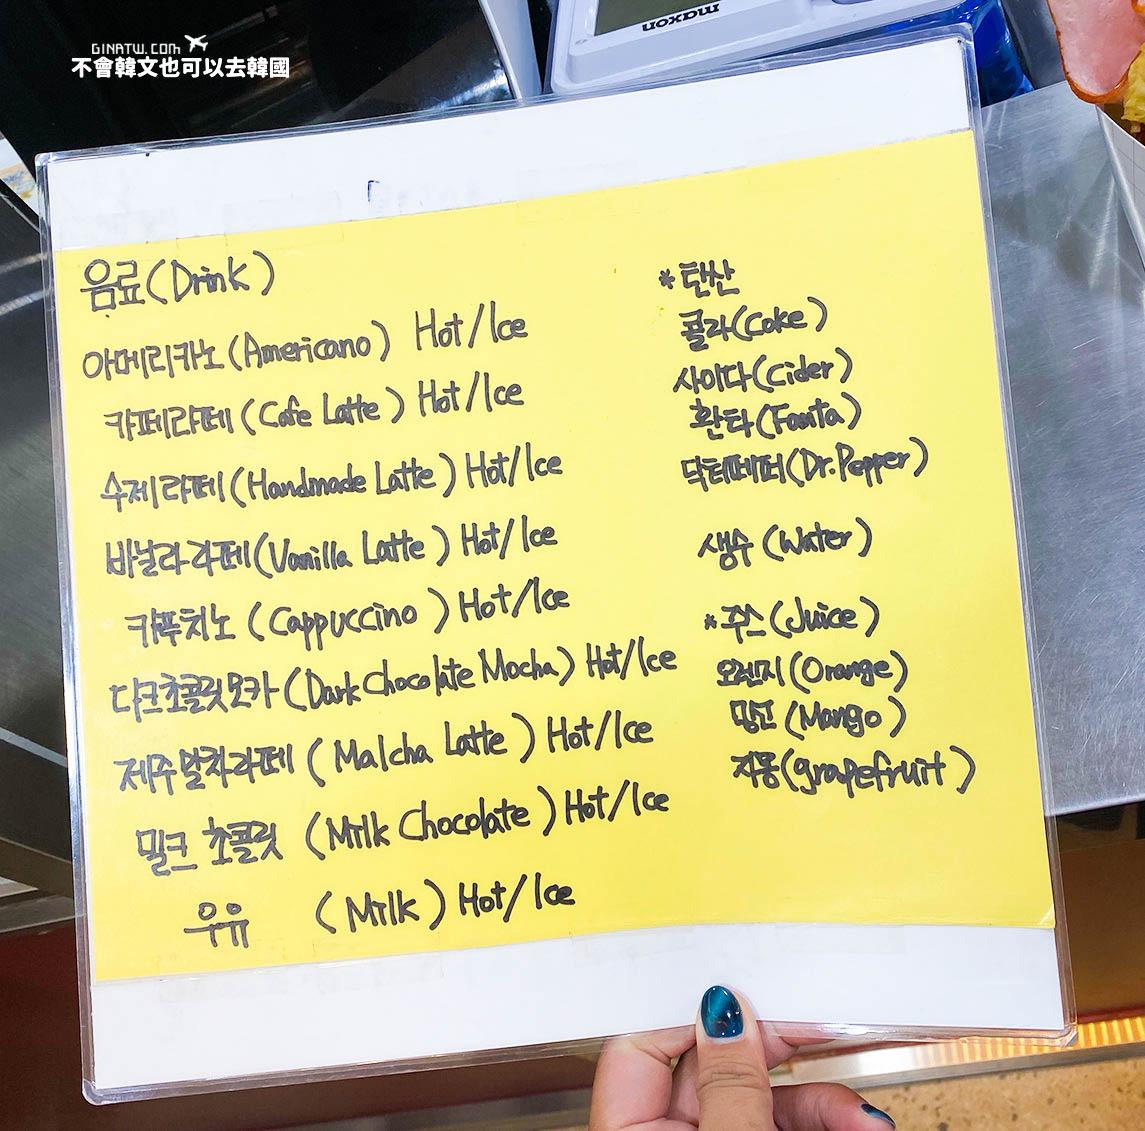 【釜山早餐】EGG DROP南浦洞大街|中韓文菜單|釜山、大邱鬧區分店地圖、營業時間 @GINA環球旅行生活